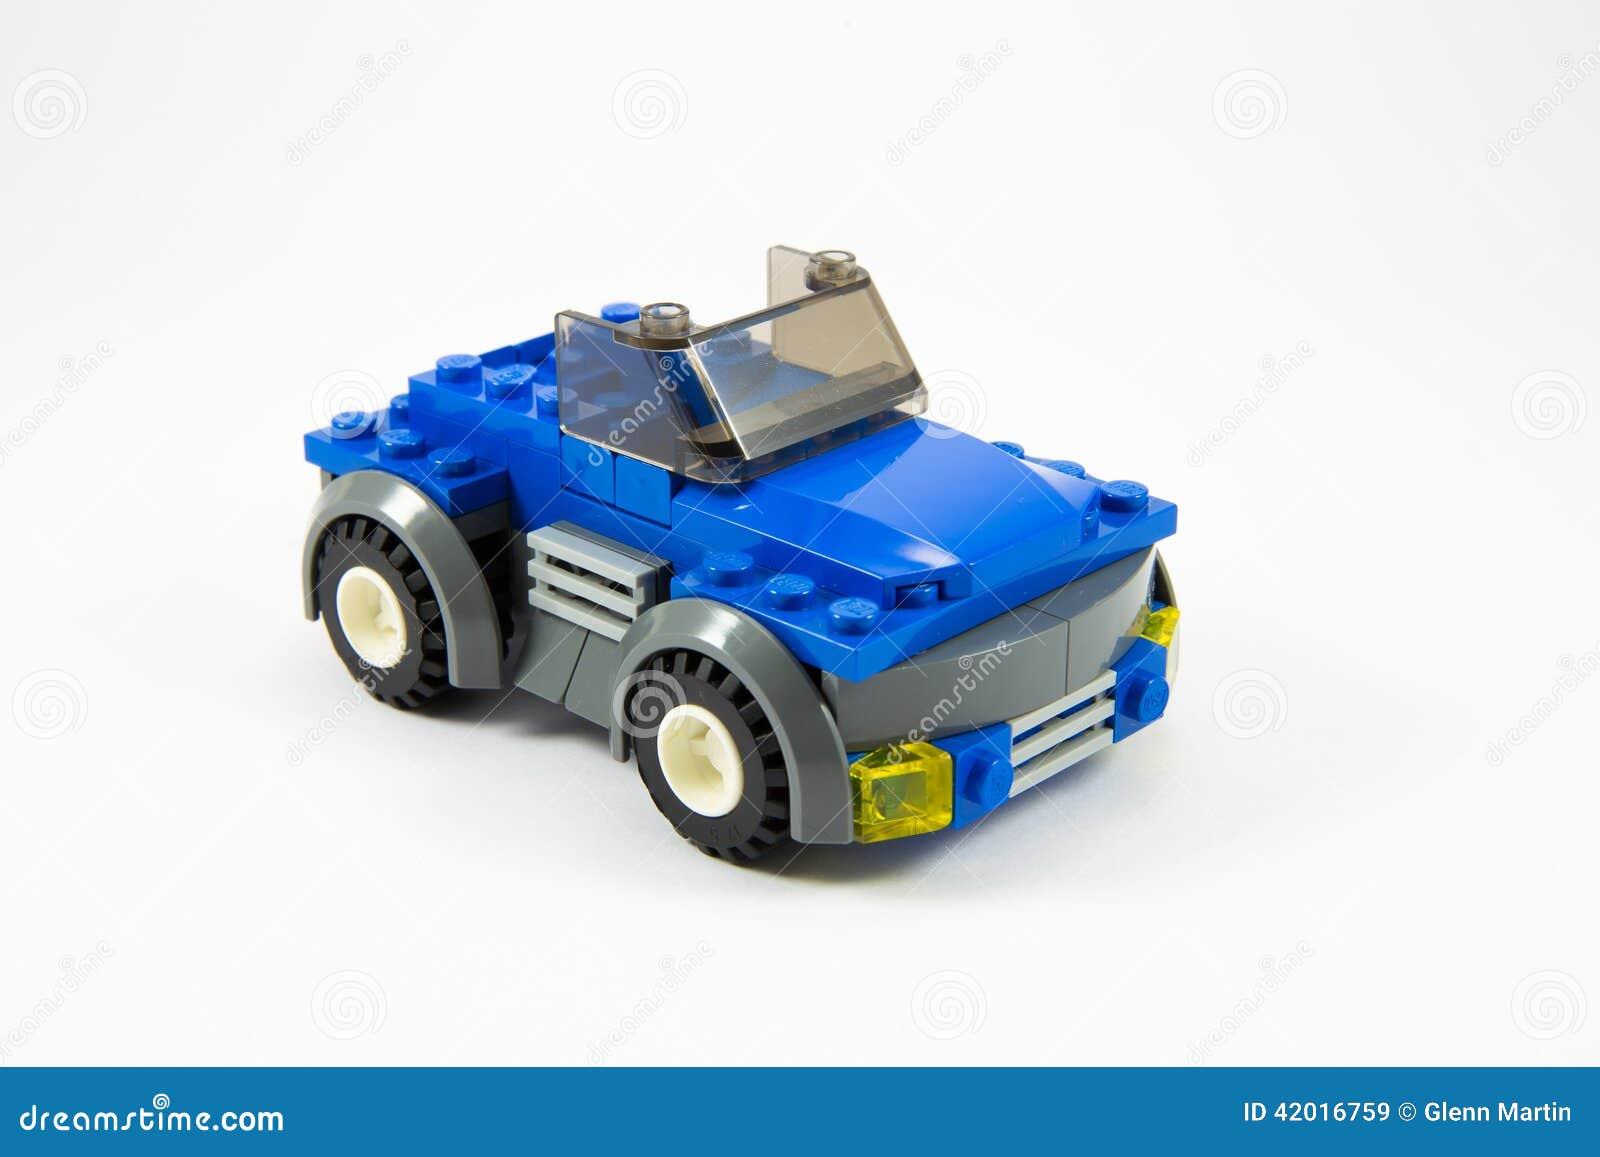 Build Toy Race Car